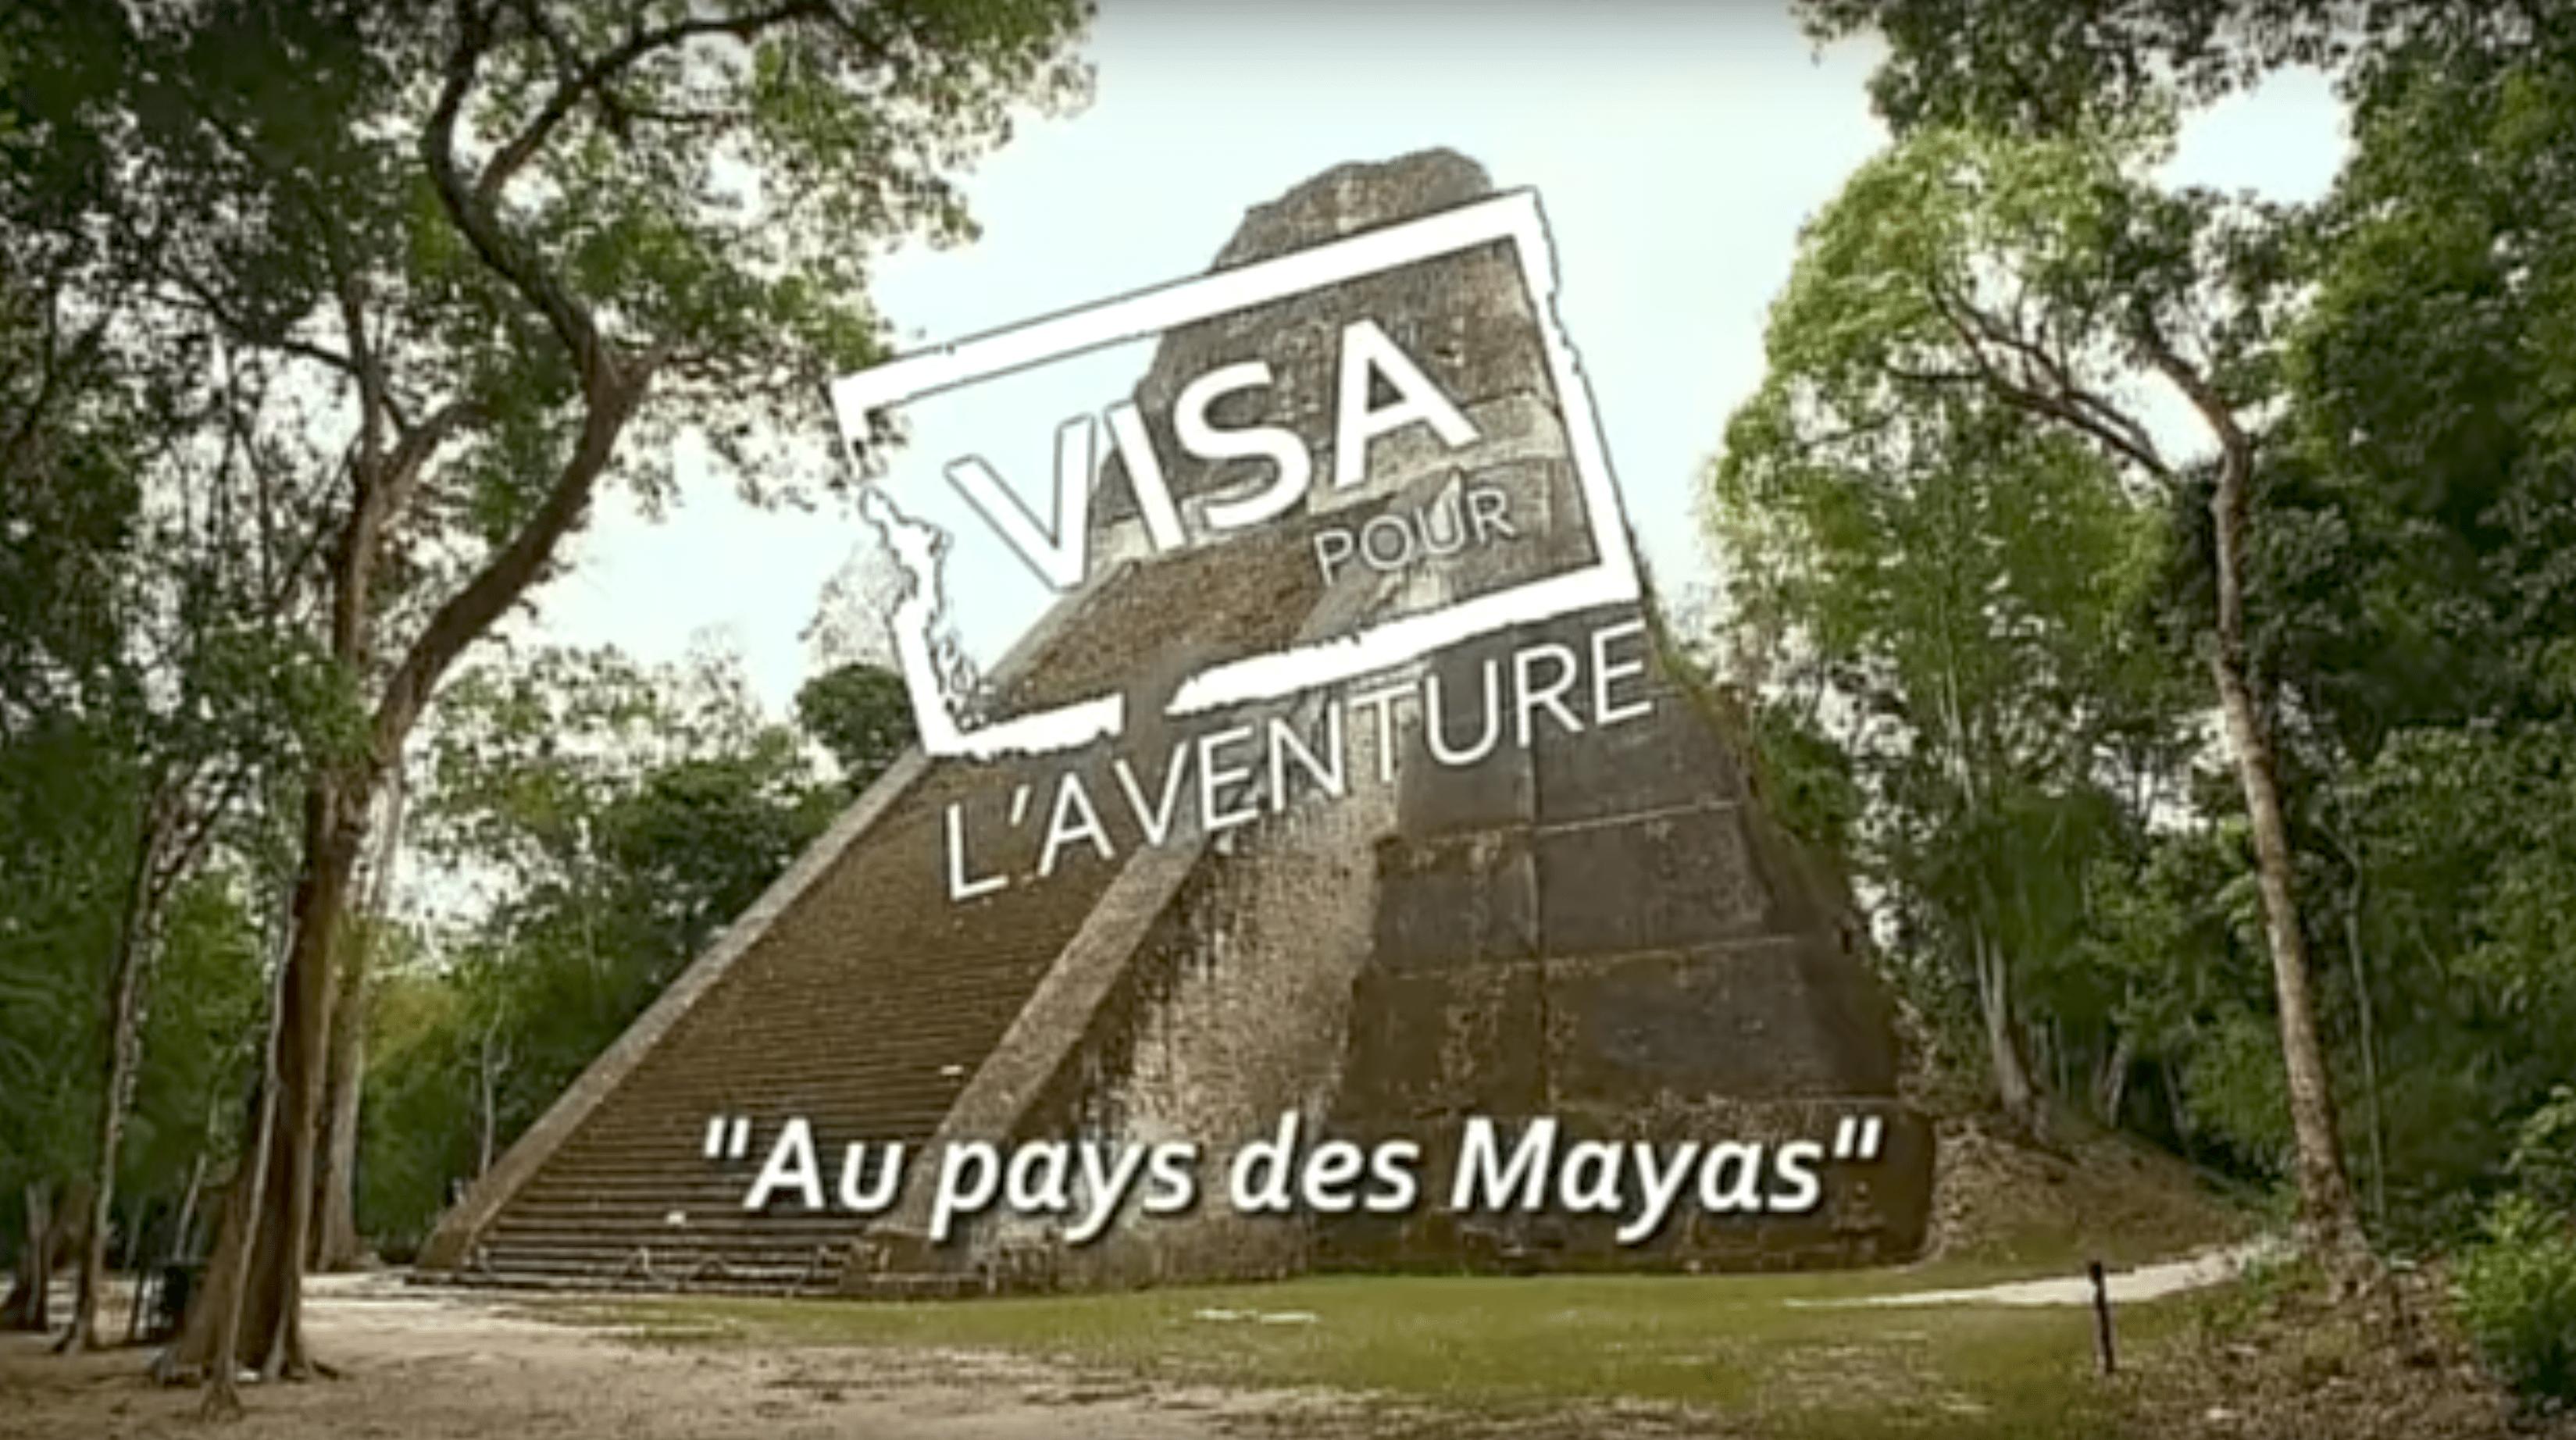 visa pour l'aventure au pays des mayas